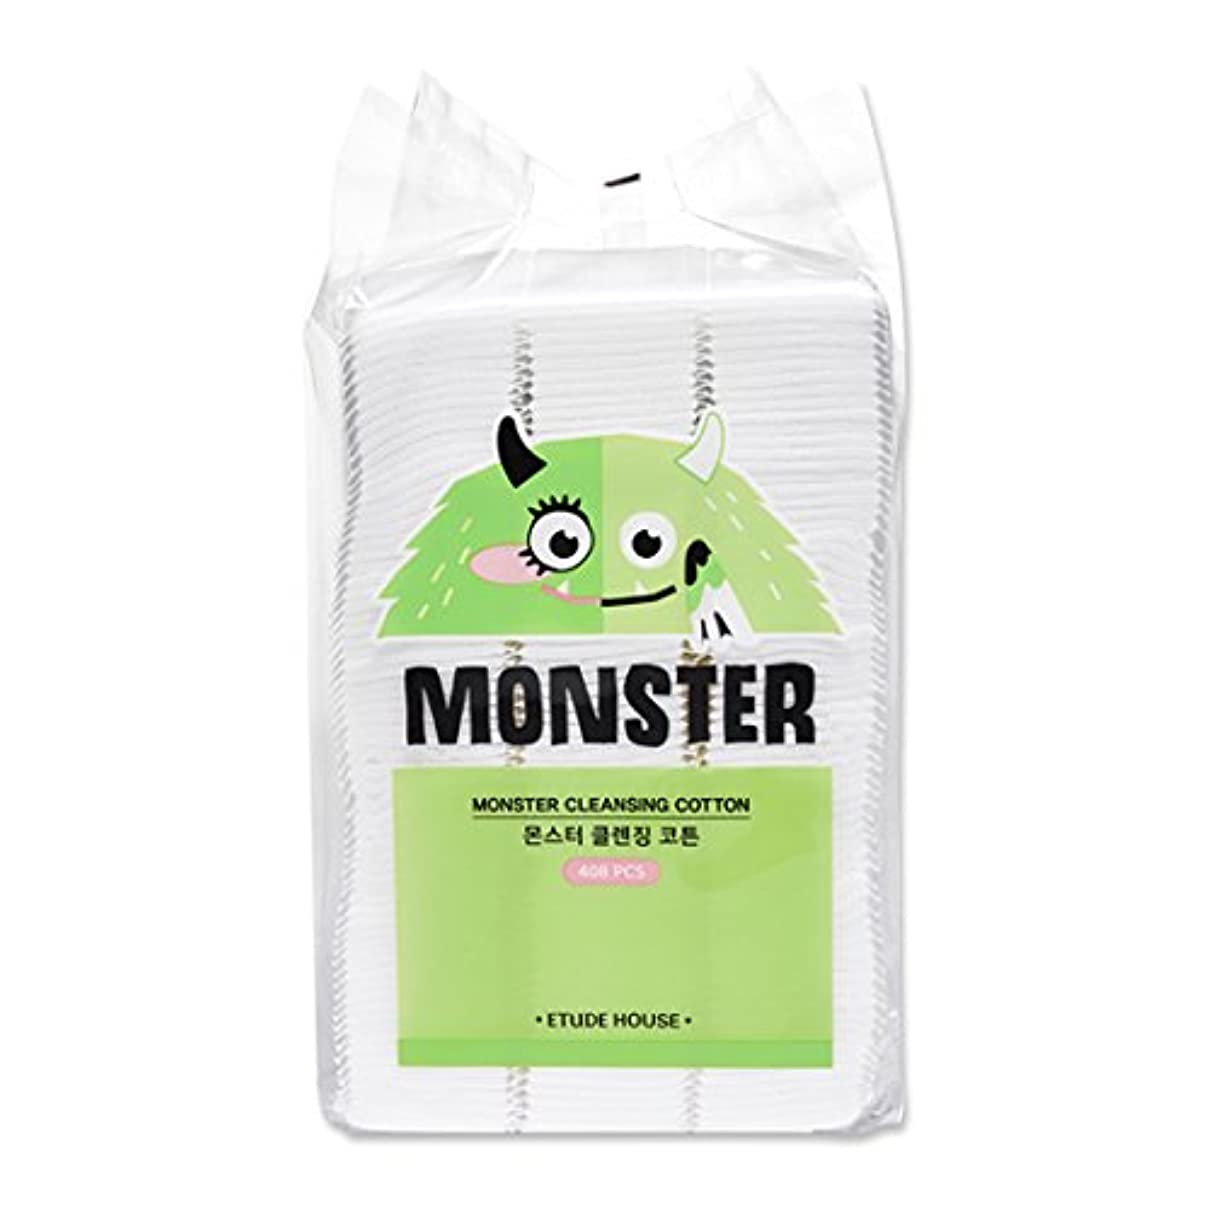 リハーサル意図する危険なETUDE HOUSE Monster Cleansing Cotton / エチュードハウス モンスター クレンジング コットン 408枚 [並行輸入品]